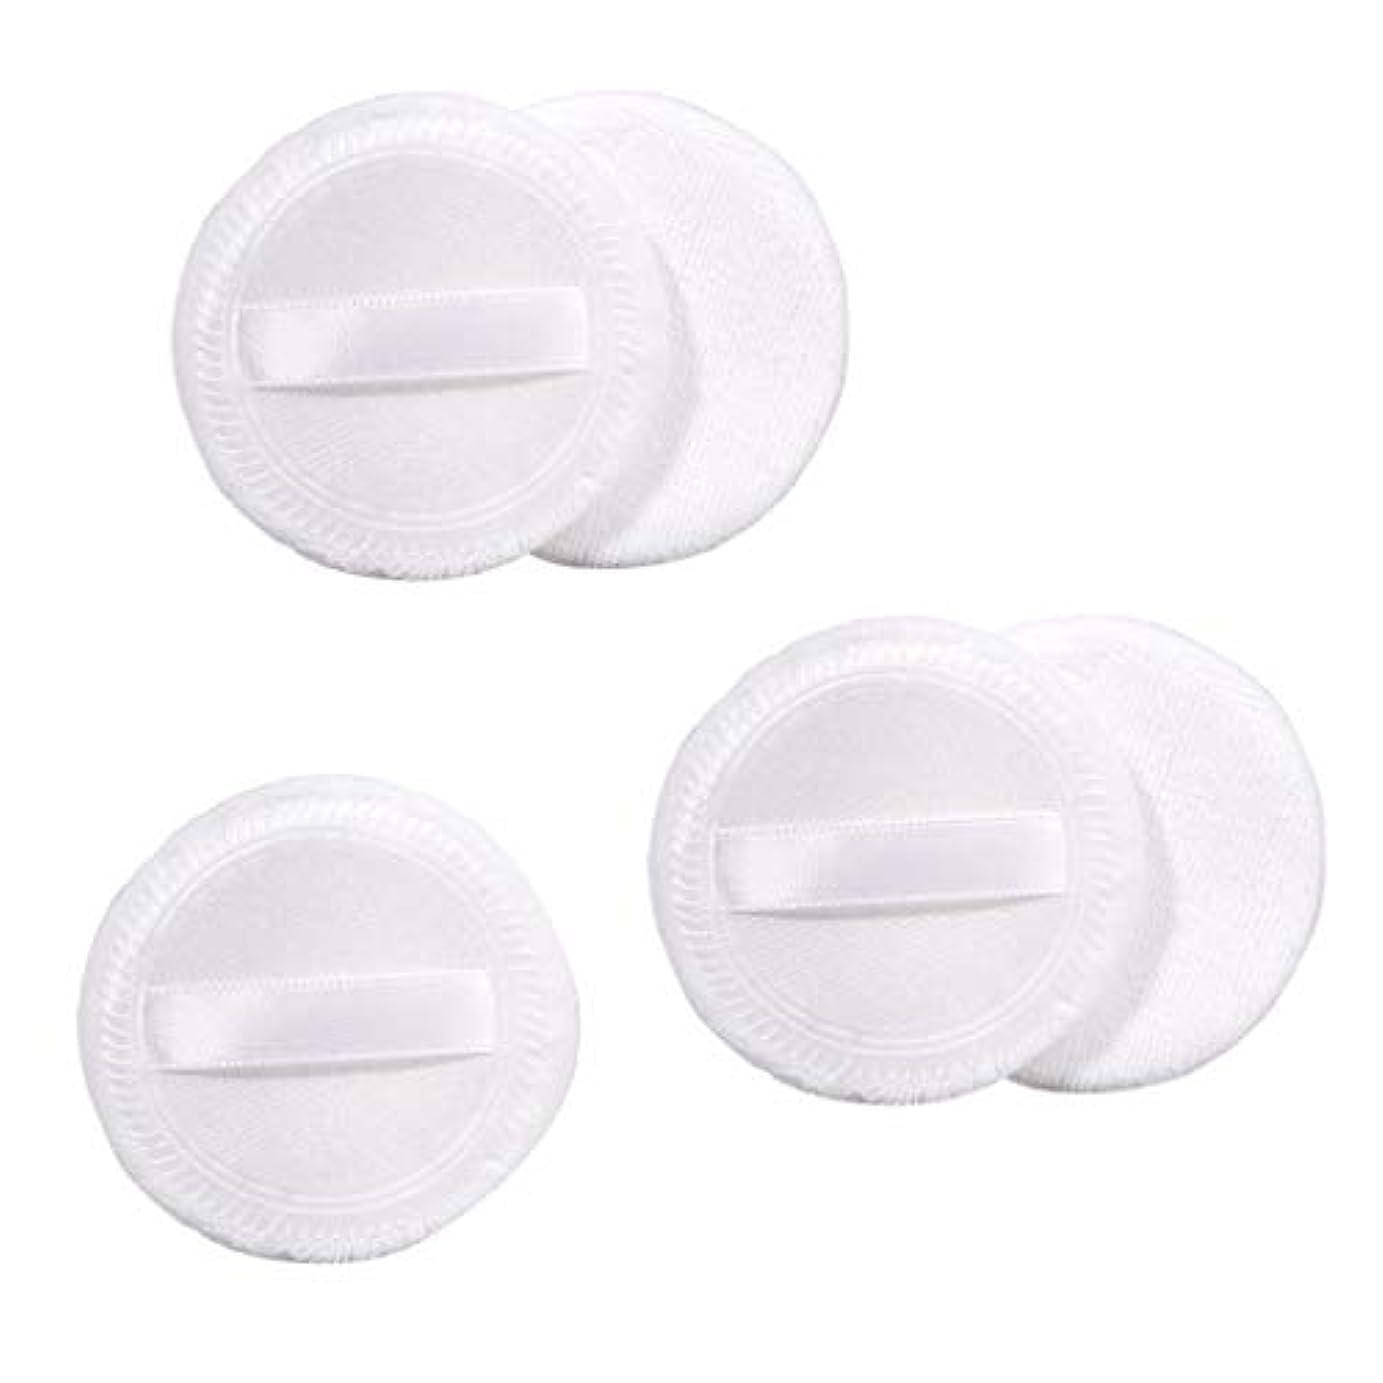 政治家の返還宣伝パウダーパフ クッションファンデーション 化粧スポンジ 再利用可能 5本セット 全3色 - ホワイト